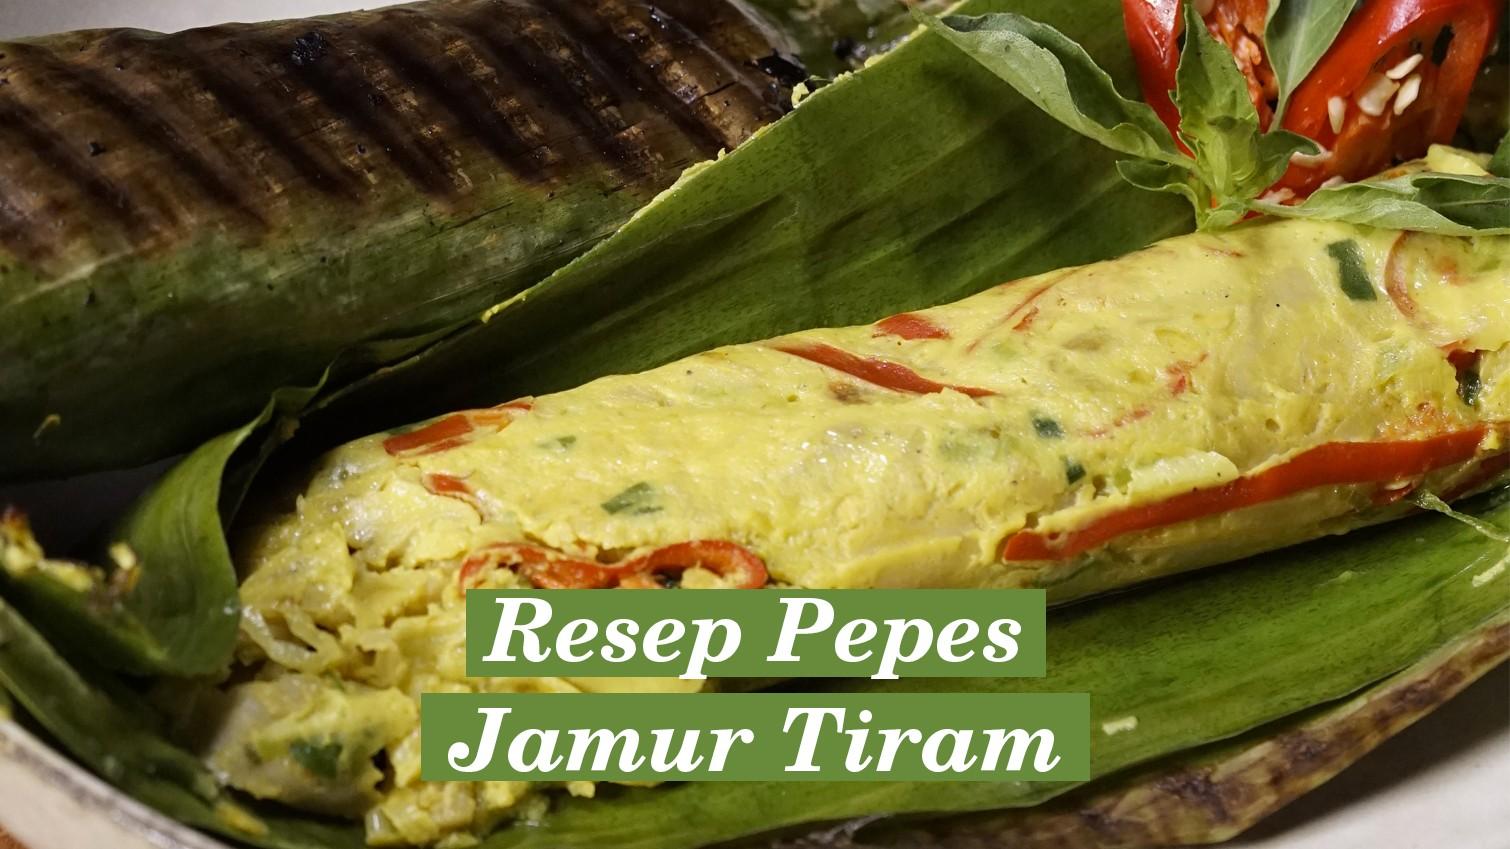 Resep Pepes Jamur Tiram Orami